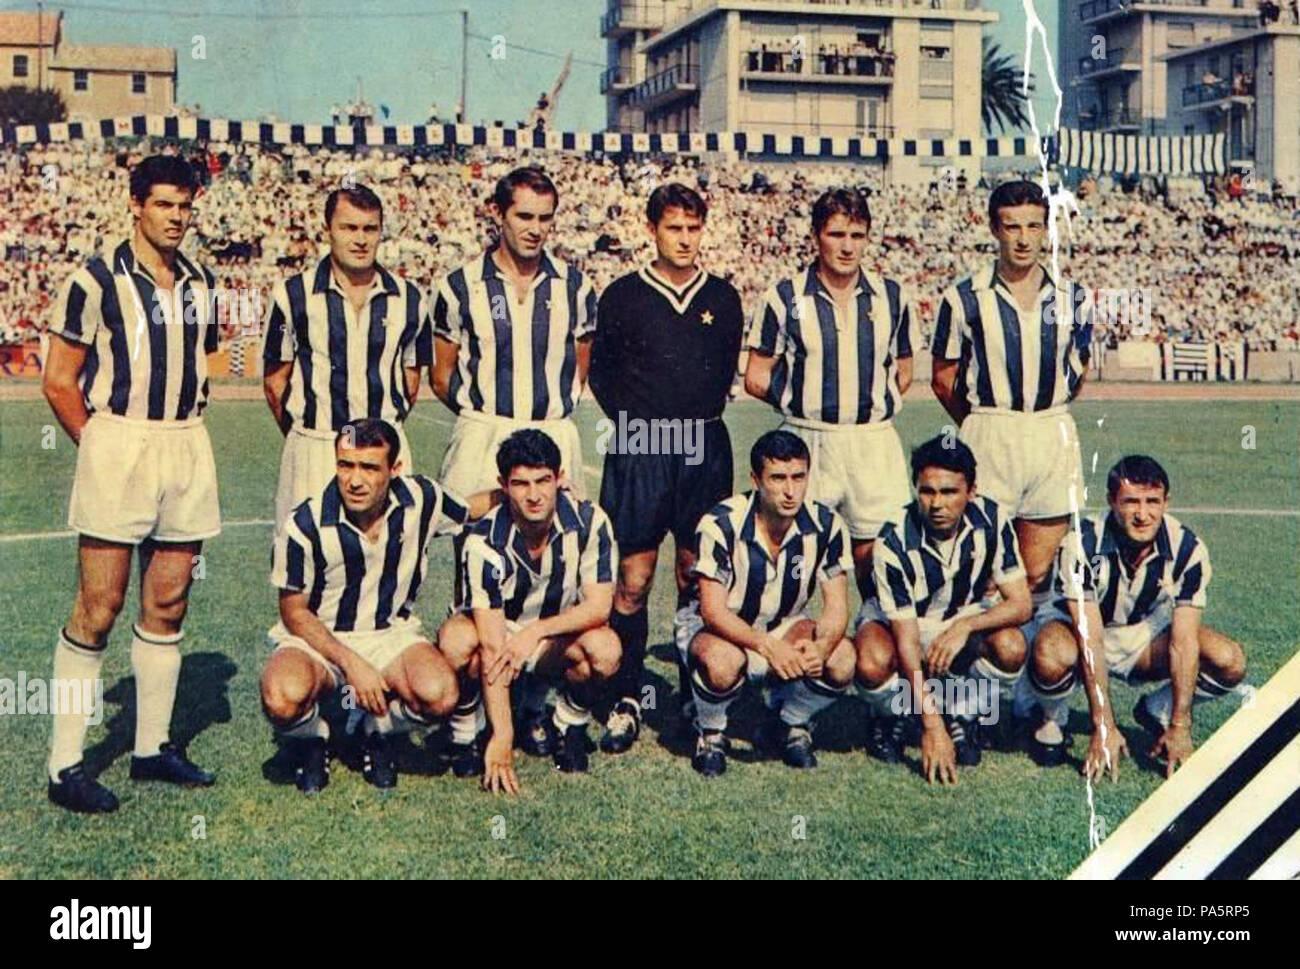 142 Juventus Football Club 1966-1967 - Stock Image